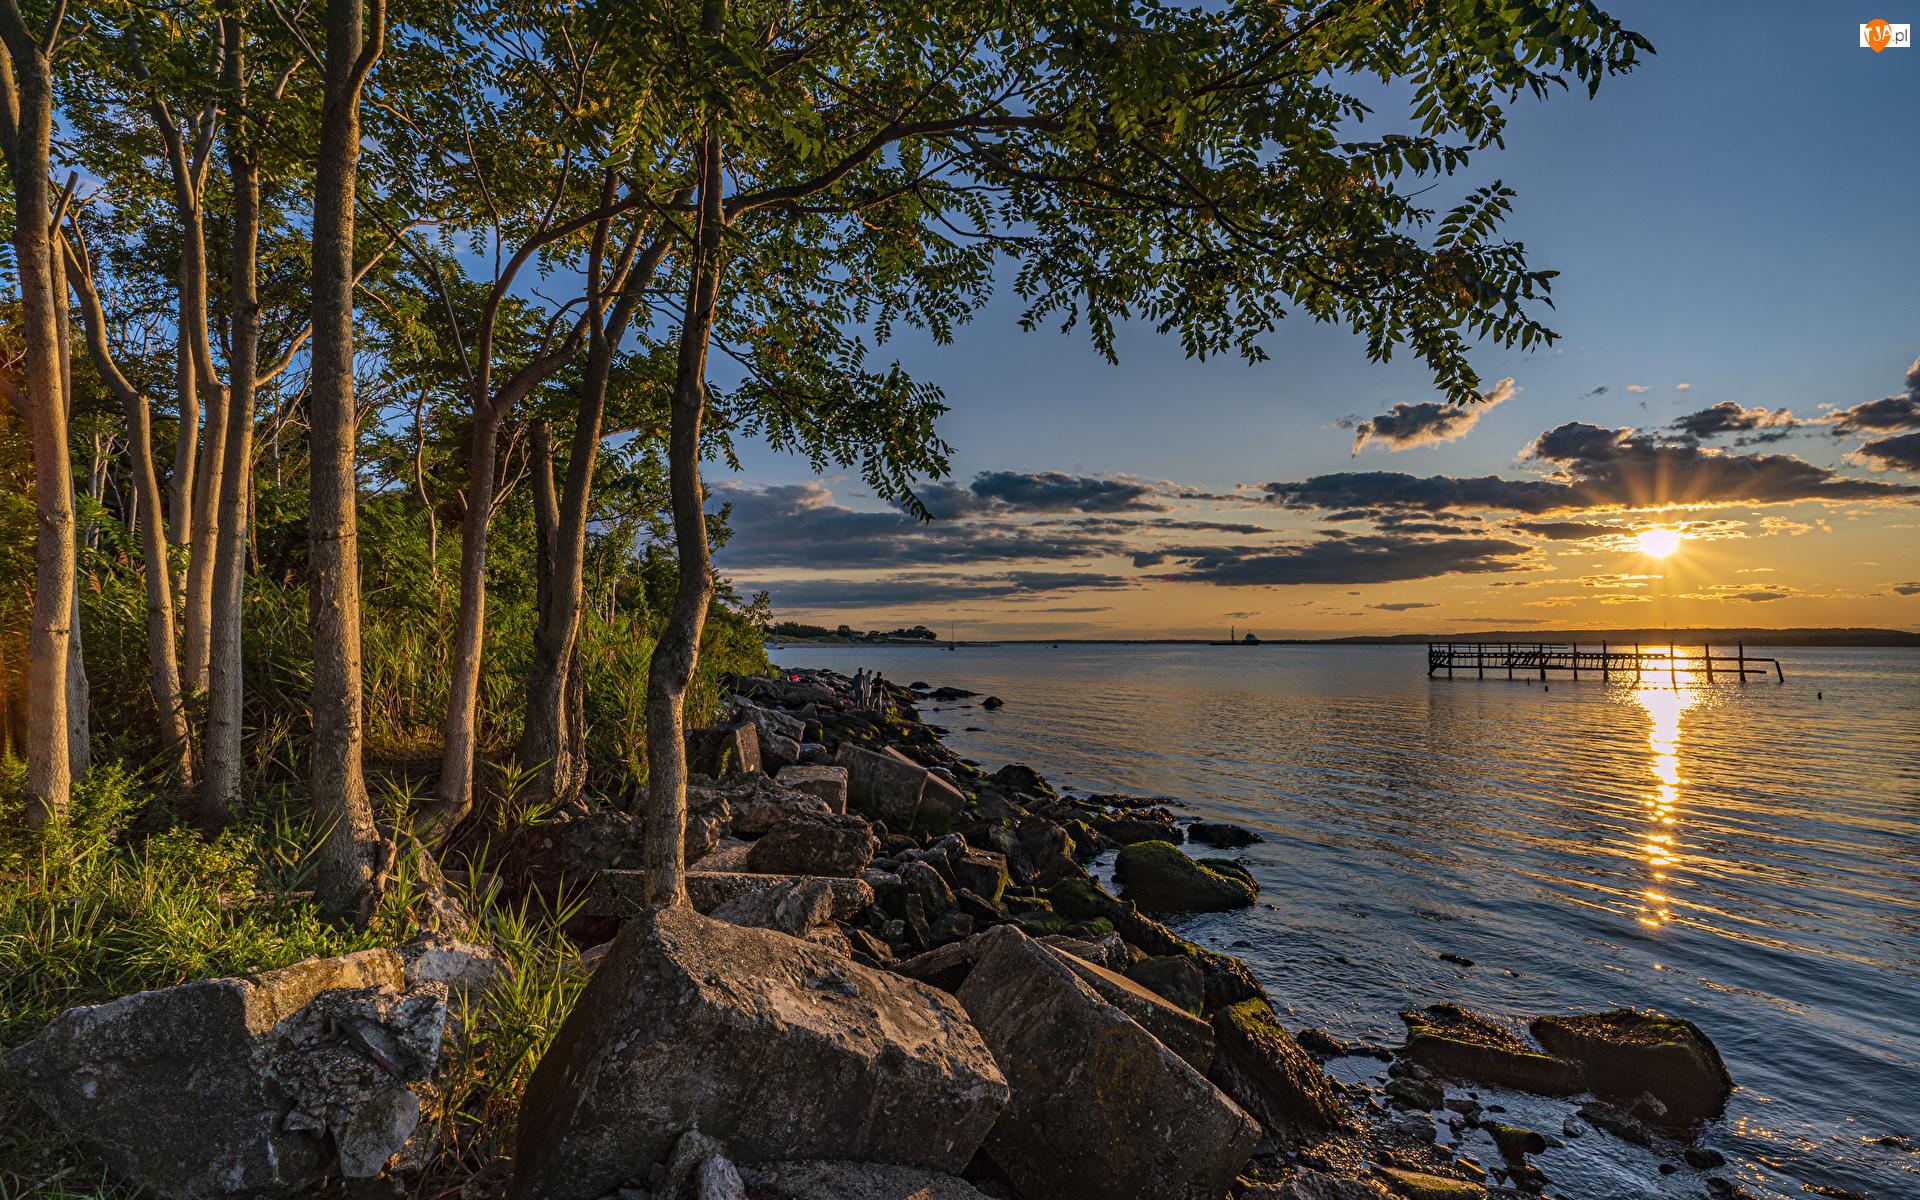 Drzewa, Wschód słońca, Jezioro, Kamienie